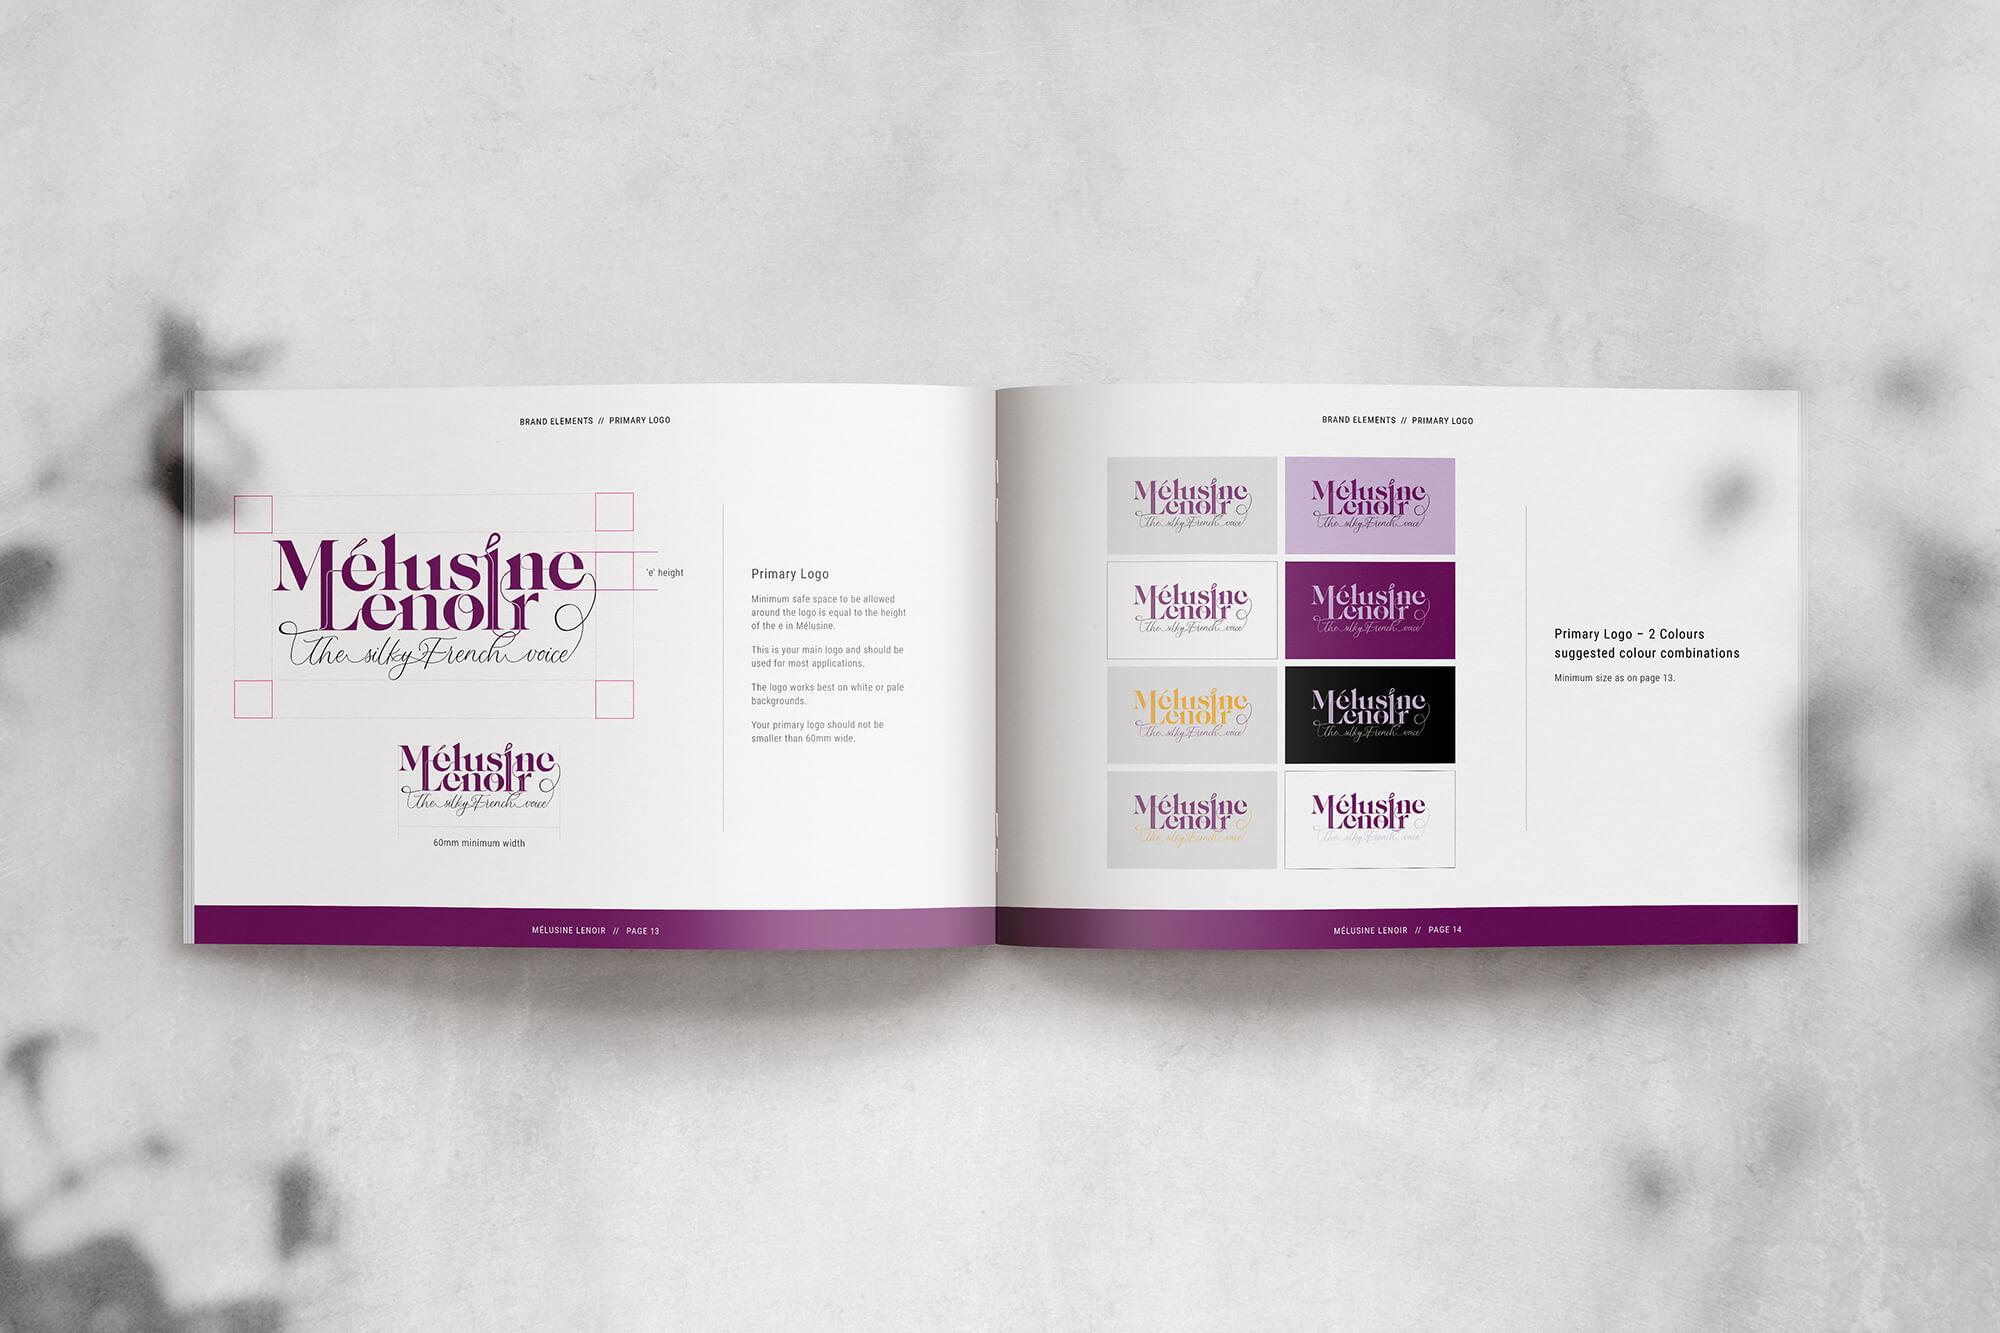 Melusine Lenoir voiceover branding logo guidelines